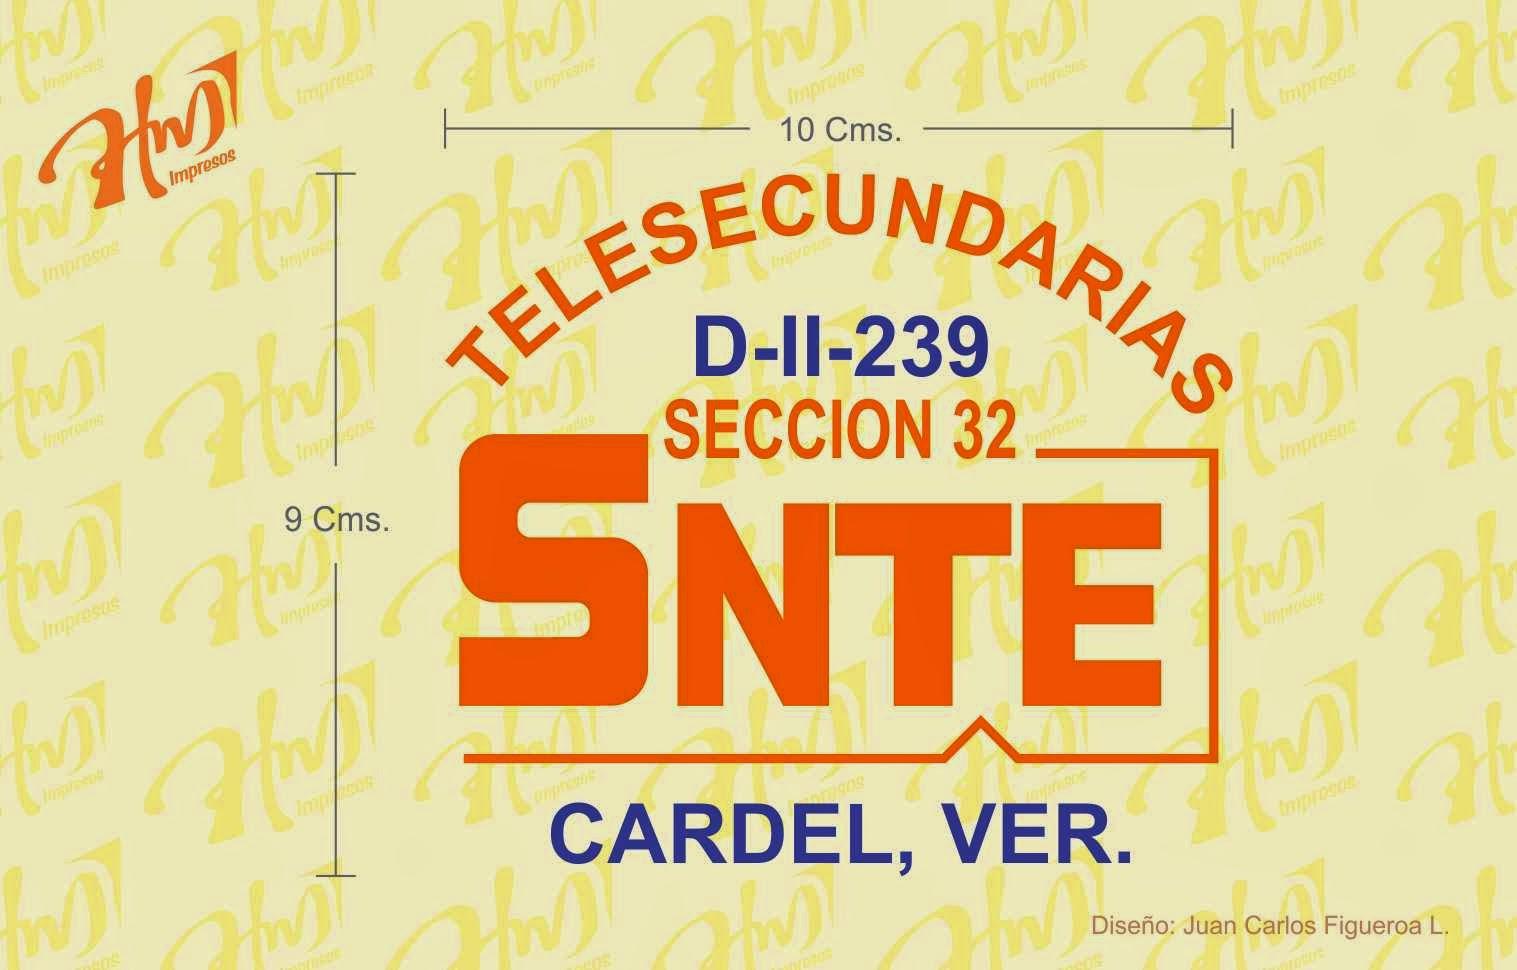 ZONA 58 CARDEL